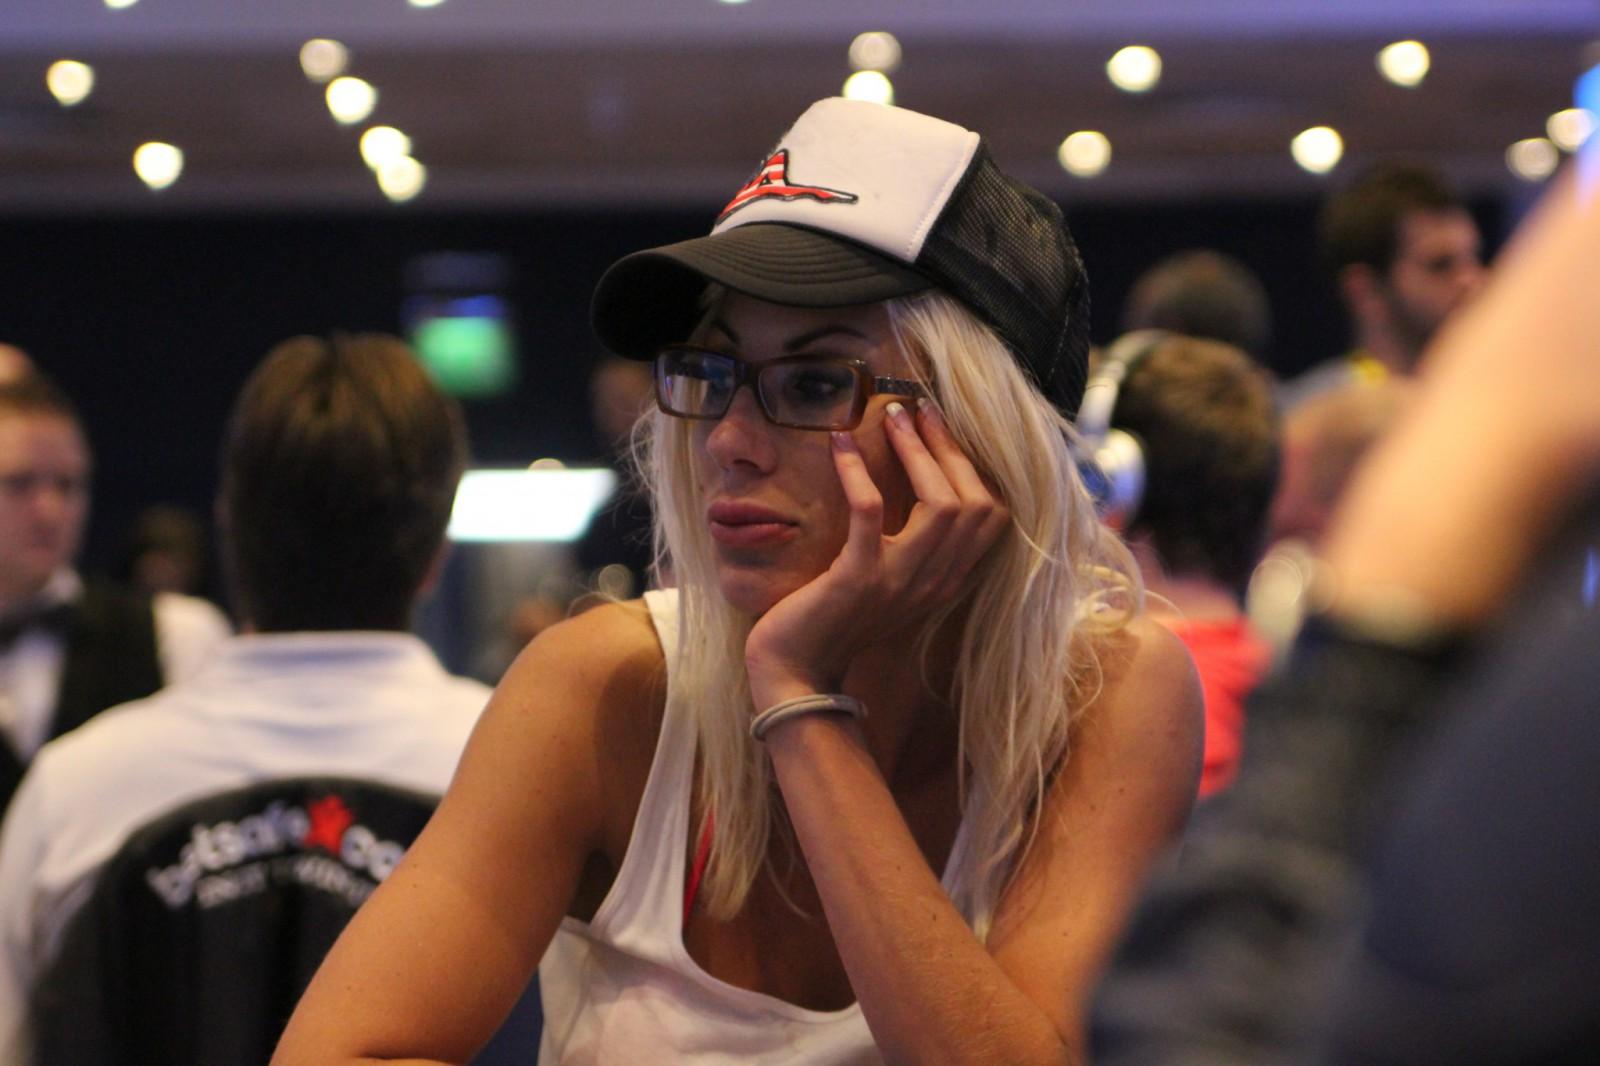 Как сделать хорошие снимки во время турнира по покеру